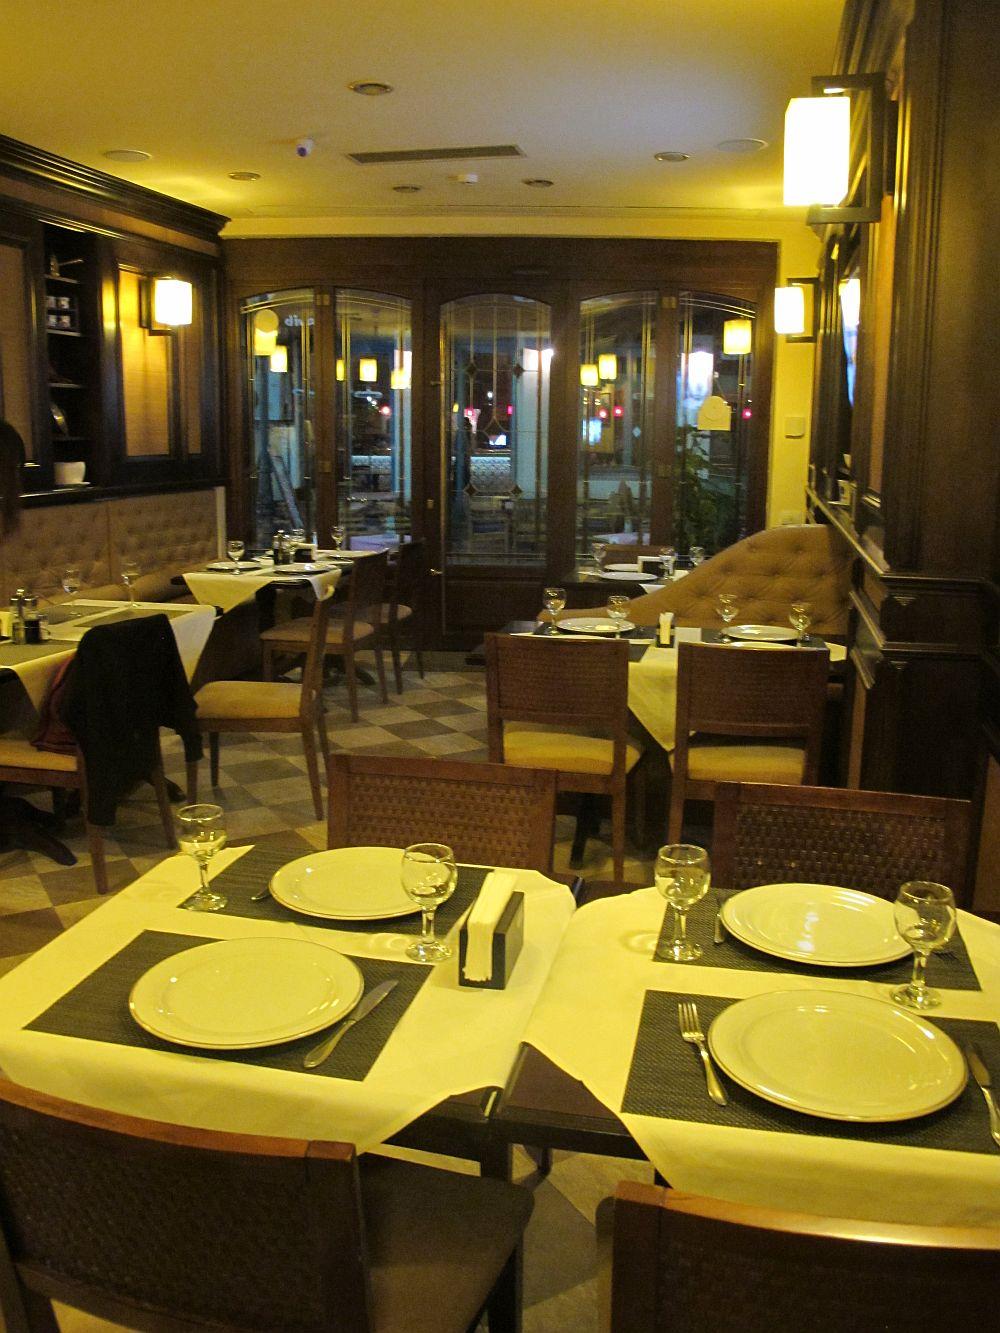 adelaparvu.com despre Maccheroni, restaurant italian Bucuresti strada Franceza (6)